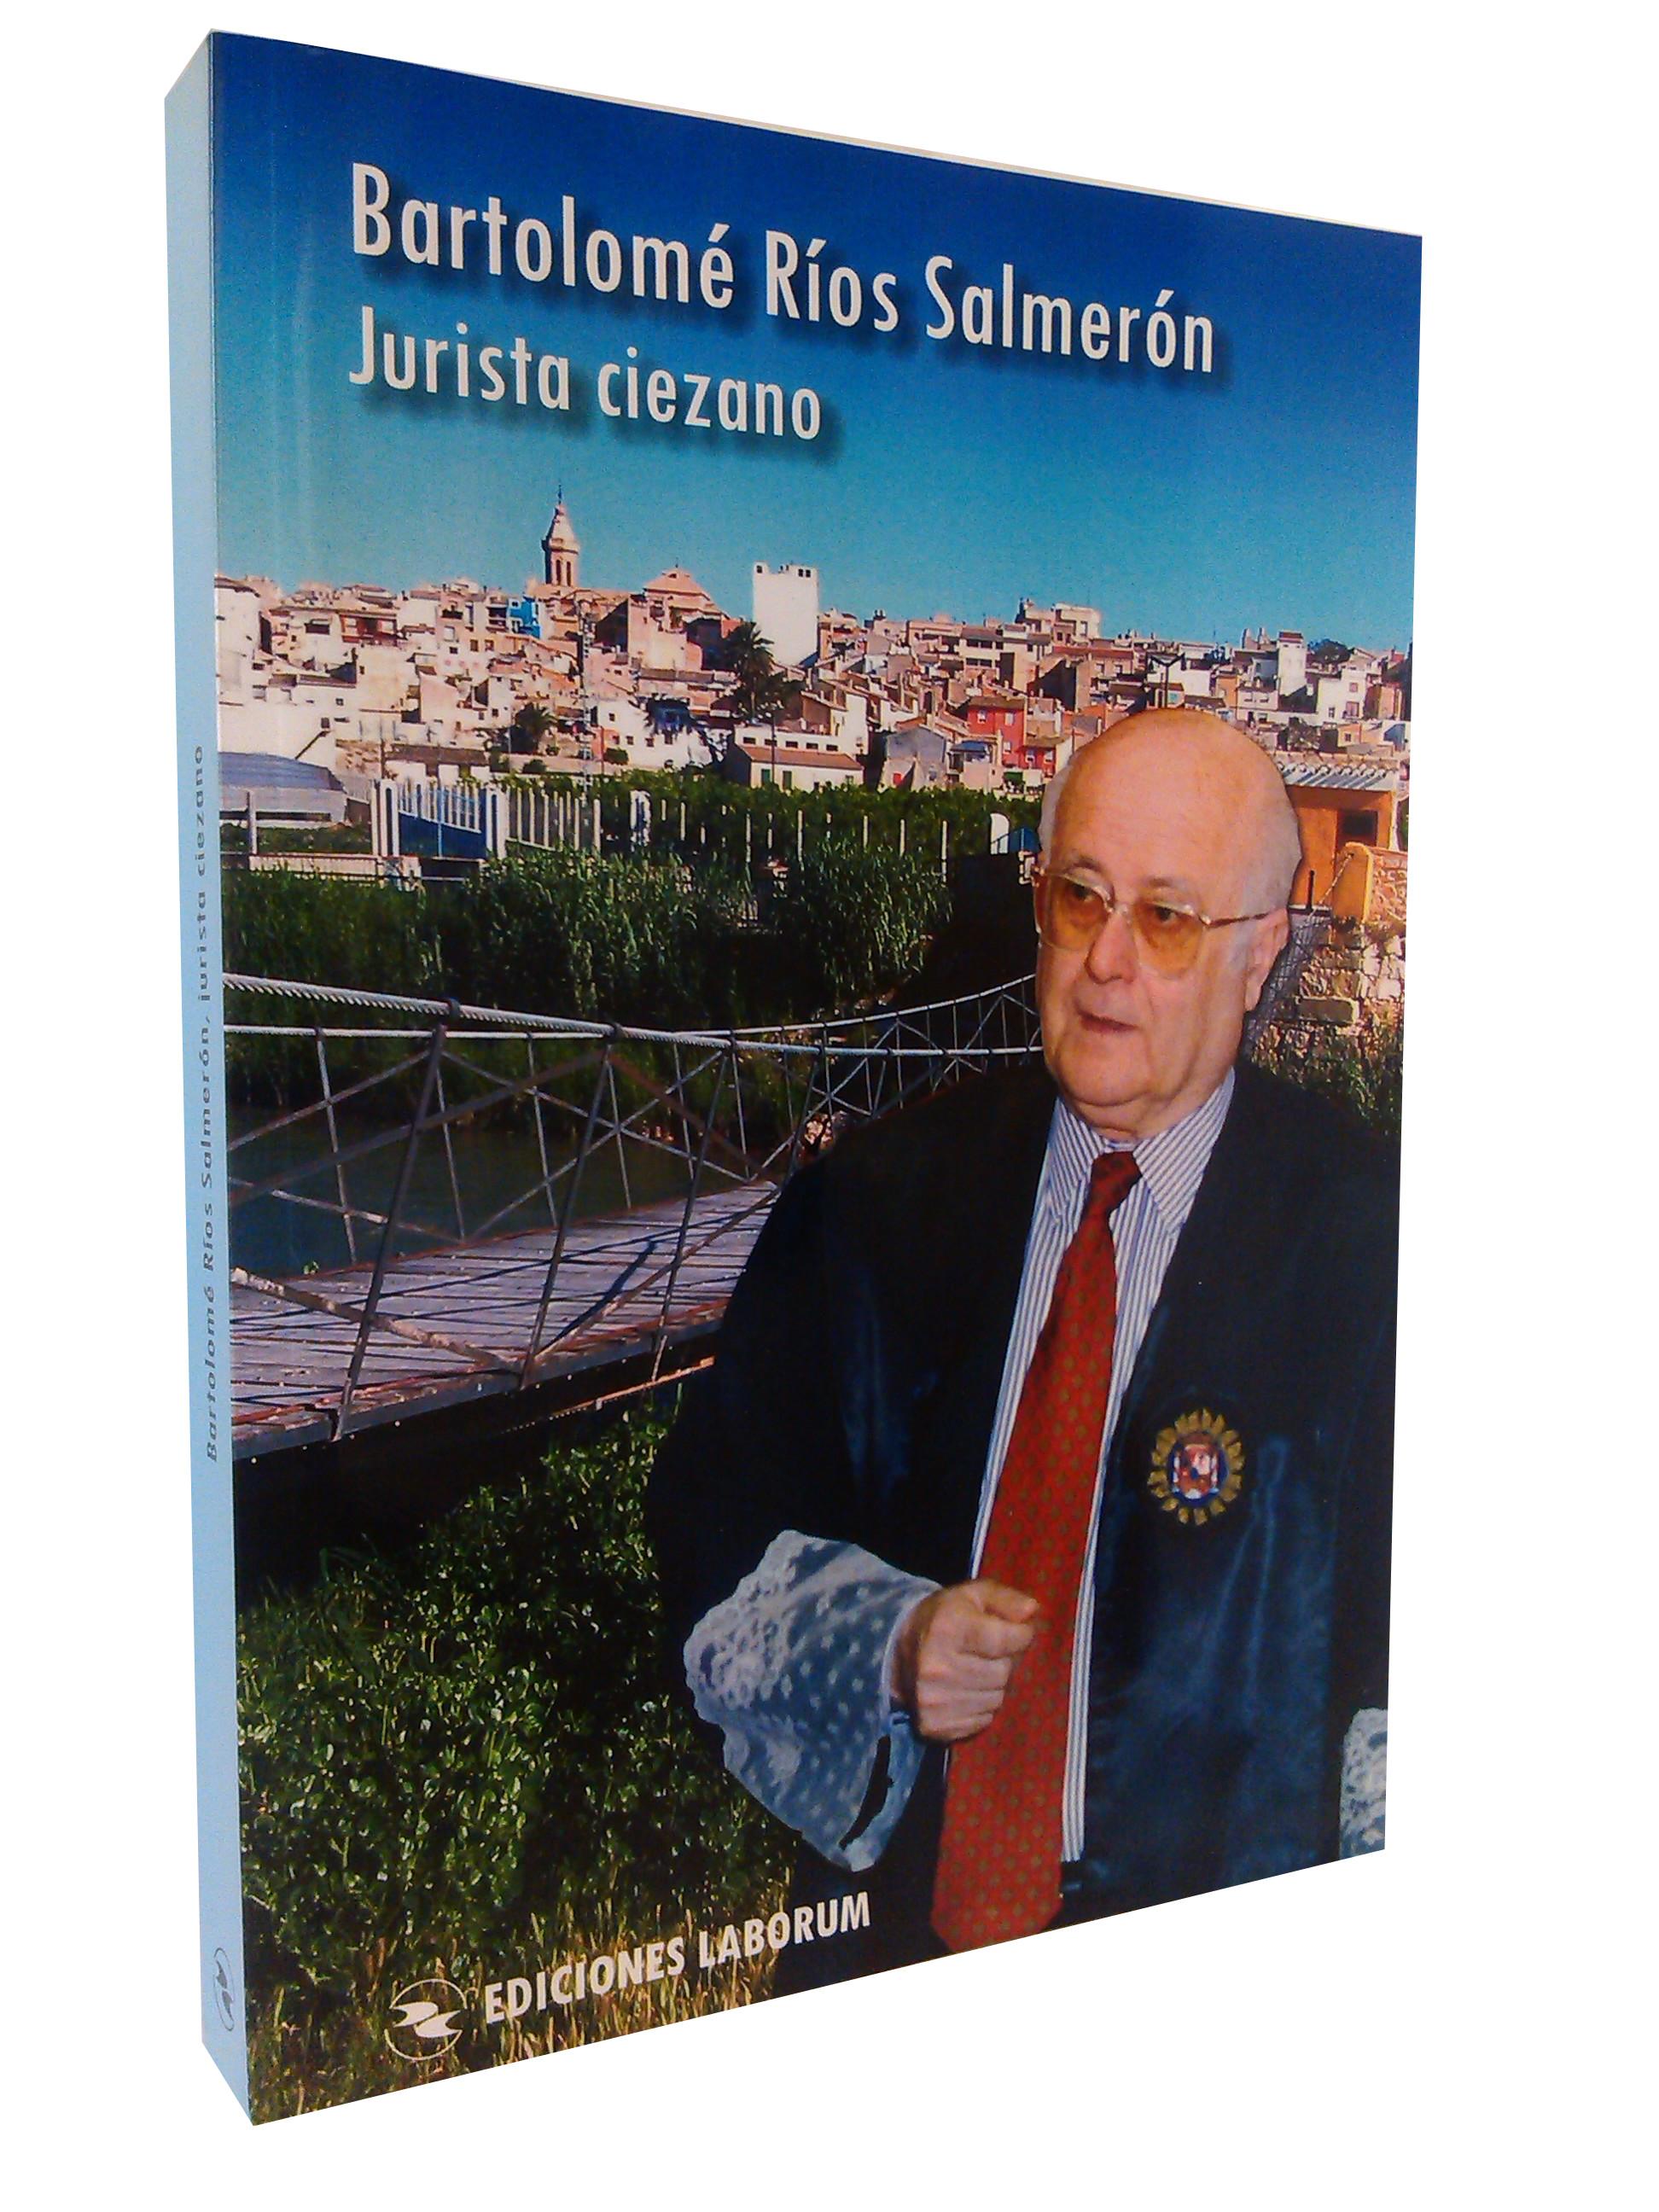 Bartolomé Ríos Salmerón – Jurista ciezano